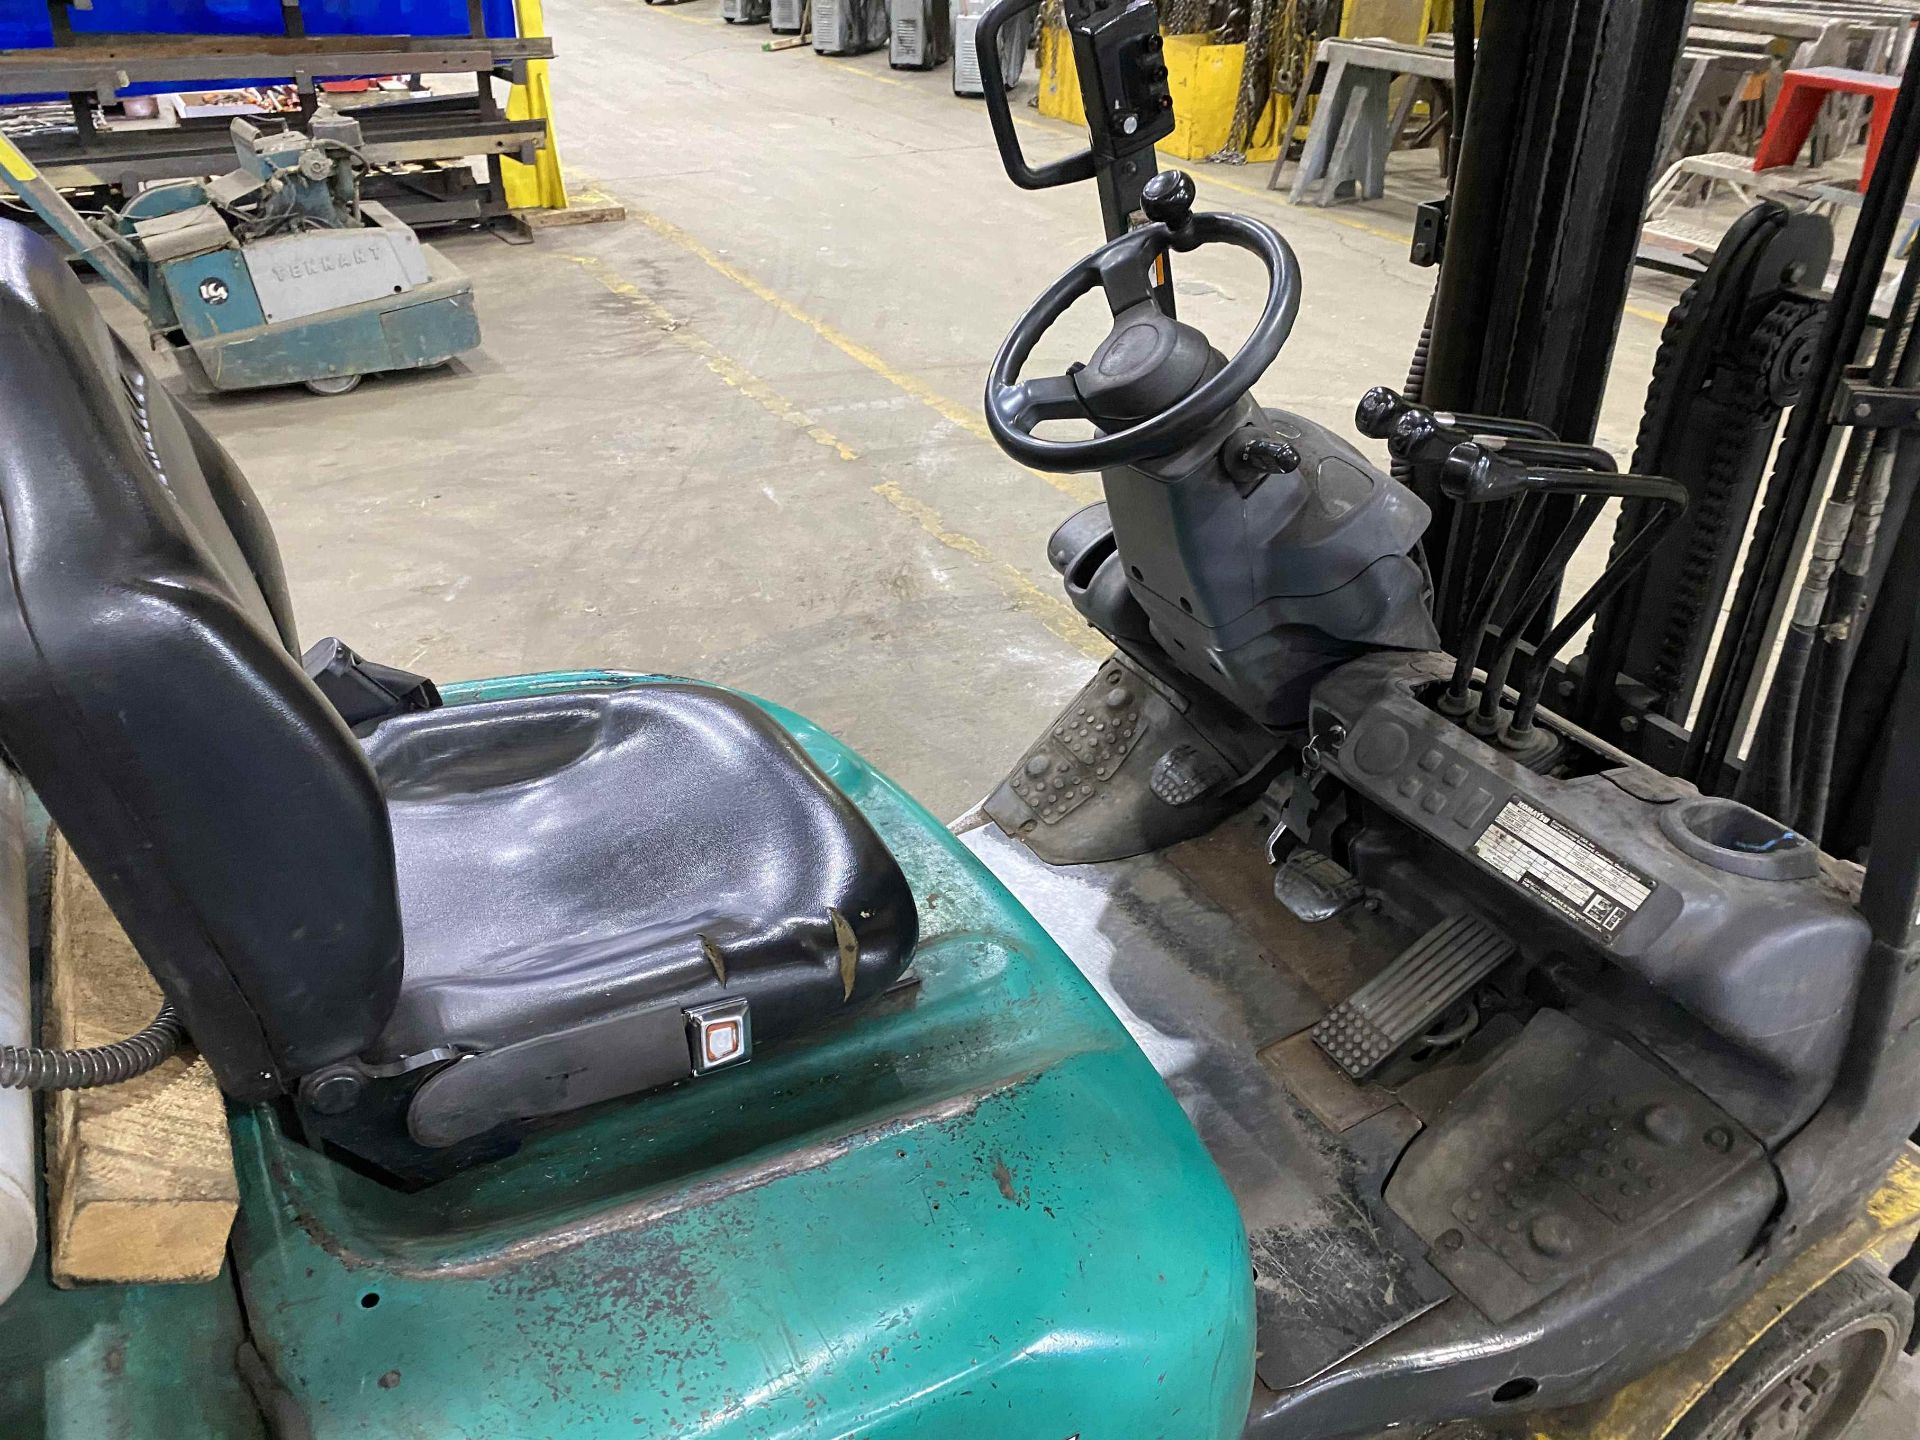 """KOMATSU FG25ST-16 5,000 Lb. LPG Forklift, s/n 214232A, Two-Stage Mast, Side Shift, 48"""" Fork - Image 4 of 7"""